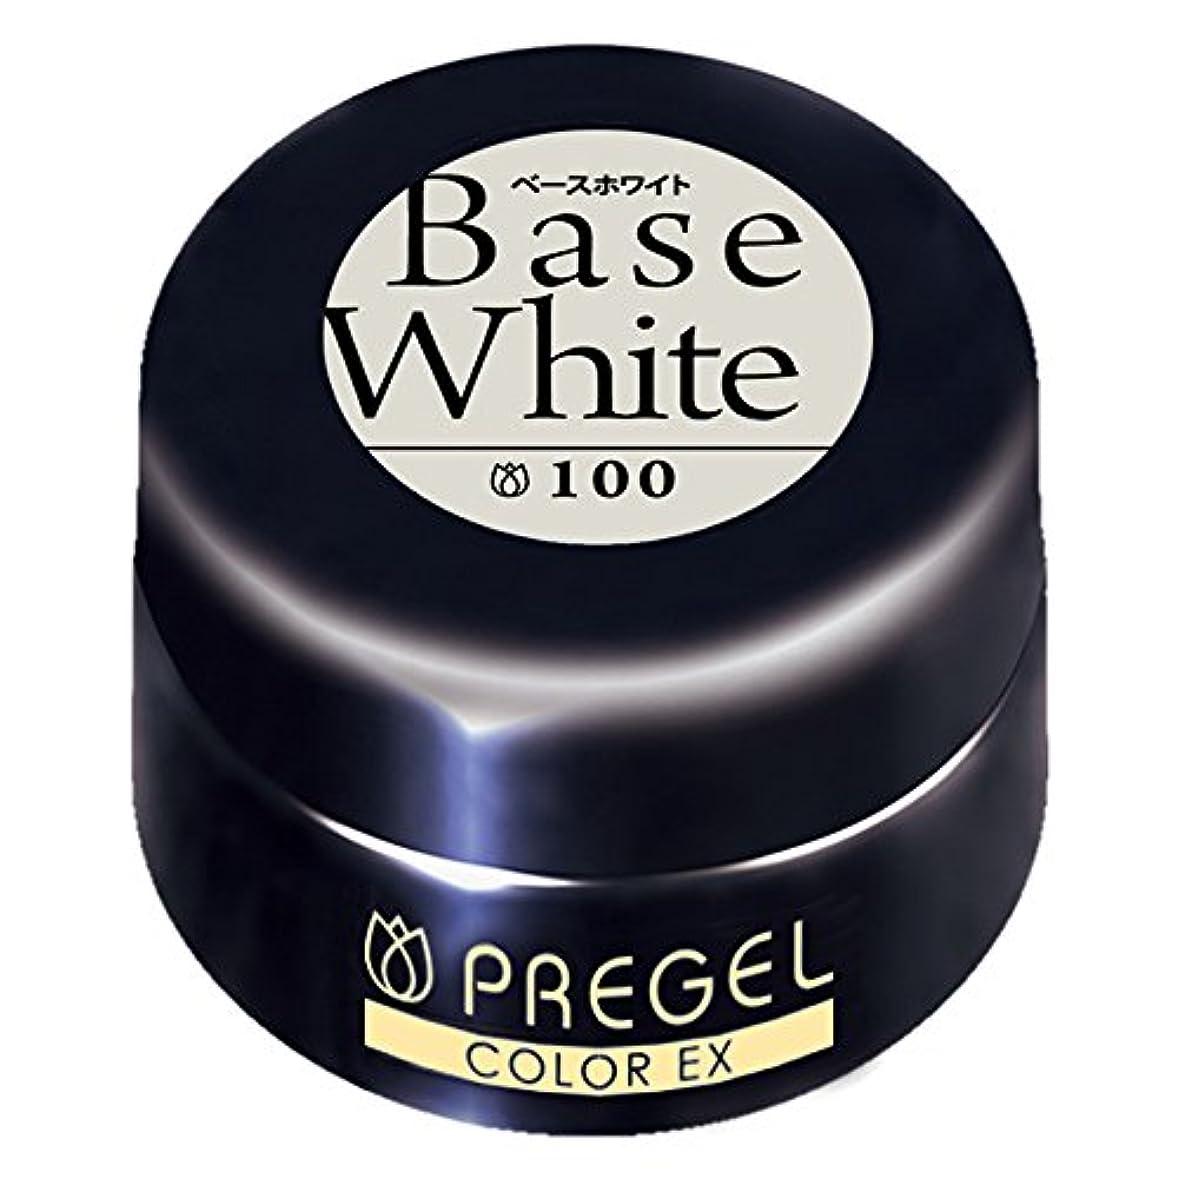 カスタム早熟袋プリジェル ジェルネイル プリジェル ジェルネイル カラーEX ベースホワイト100 4g カラージェル UV/LED対応